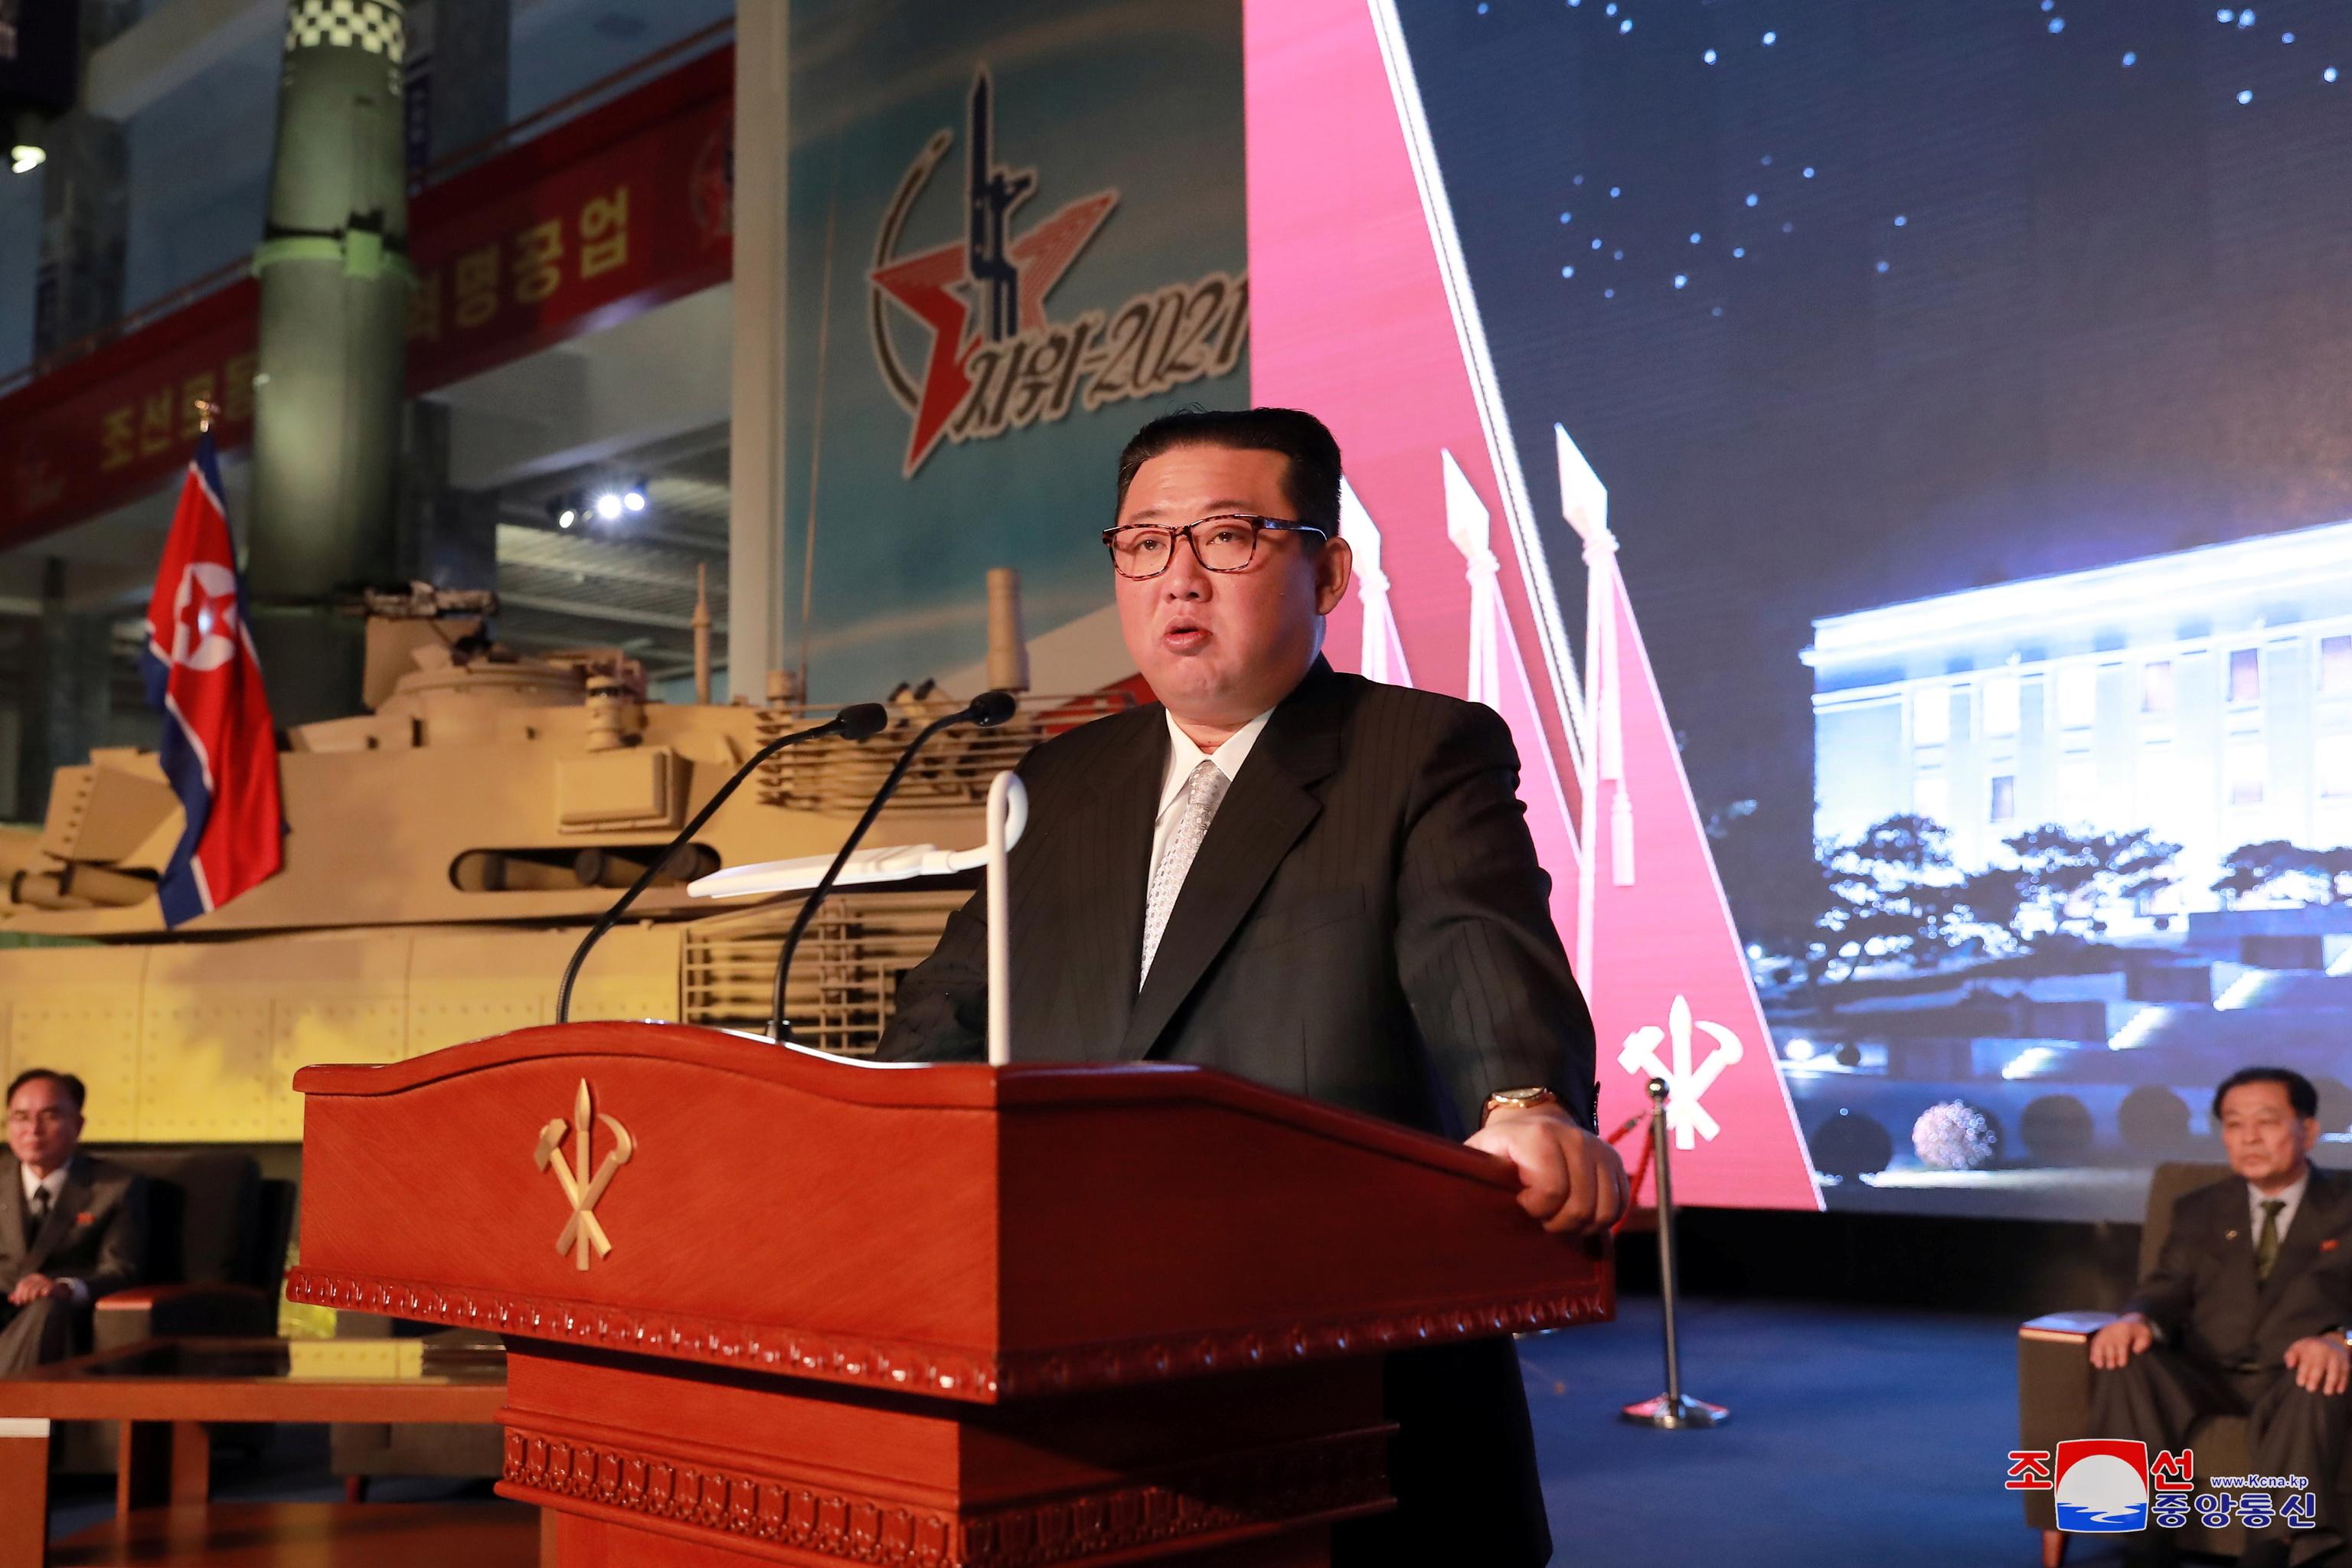 Kim Jong-un, en su discurso en Pyongyang.